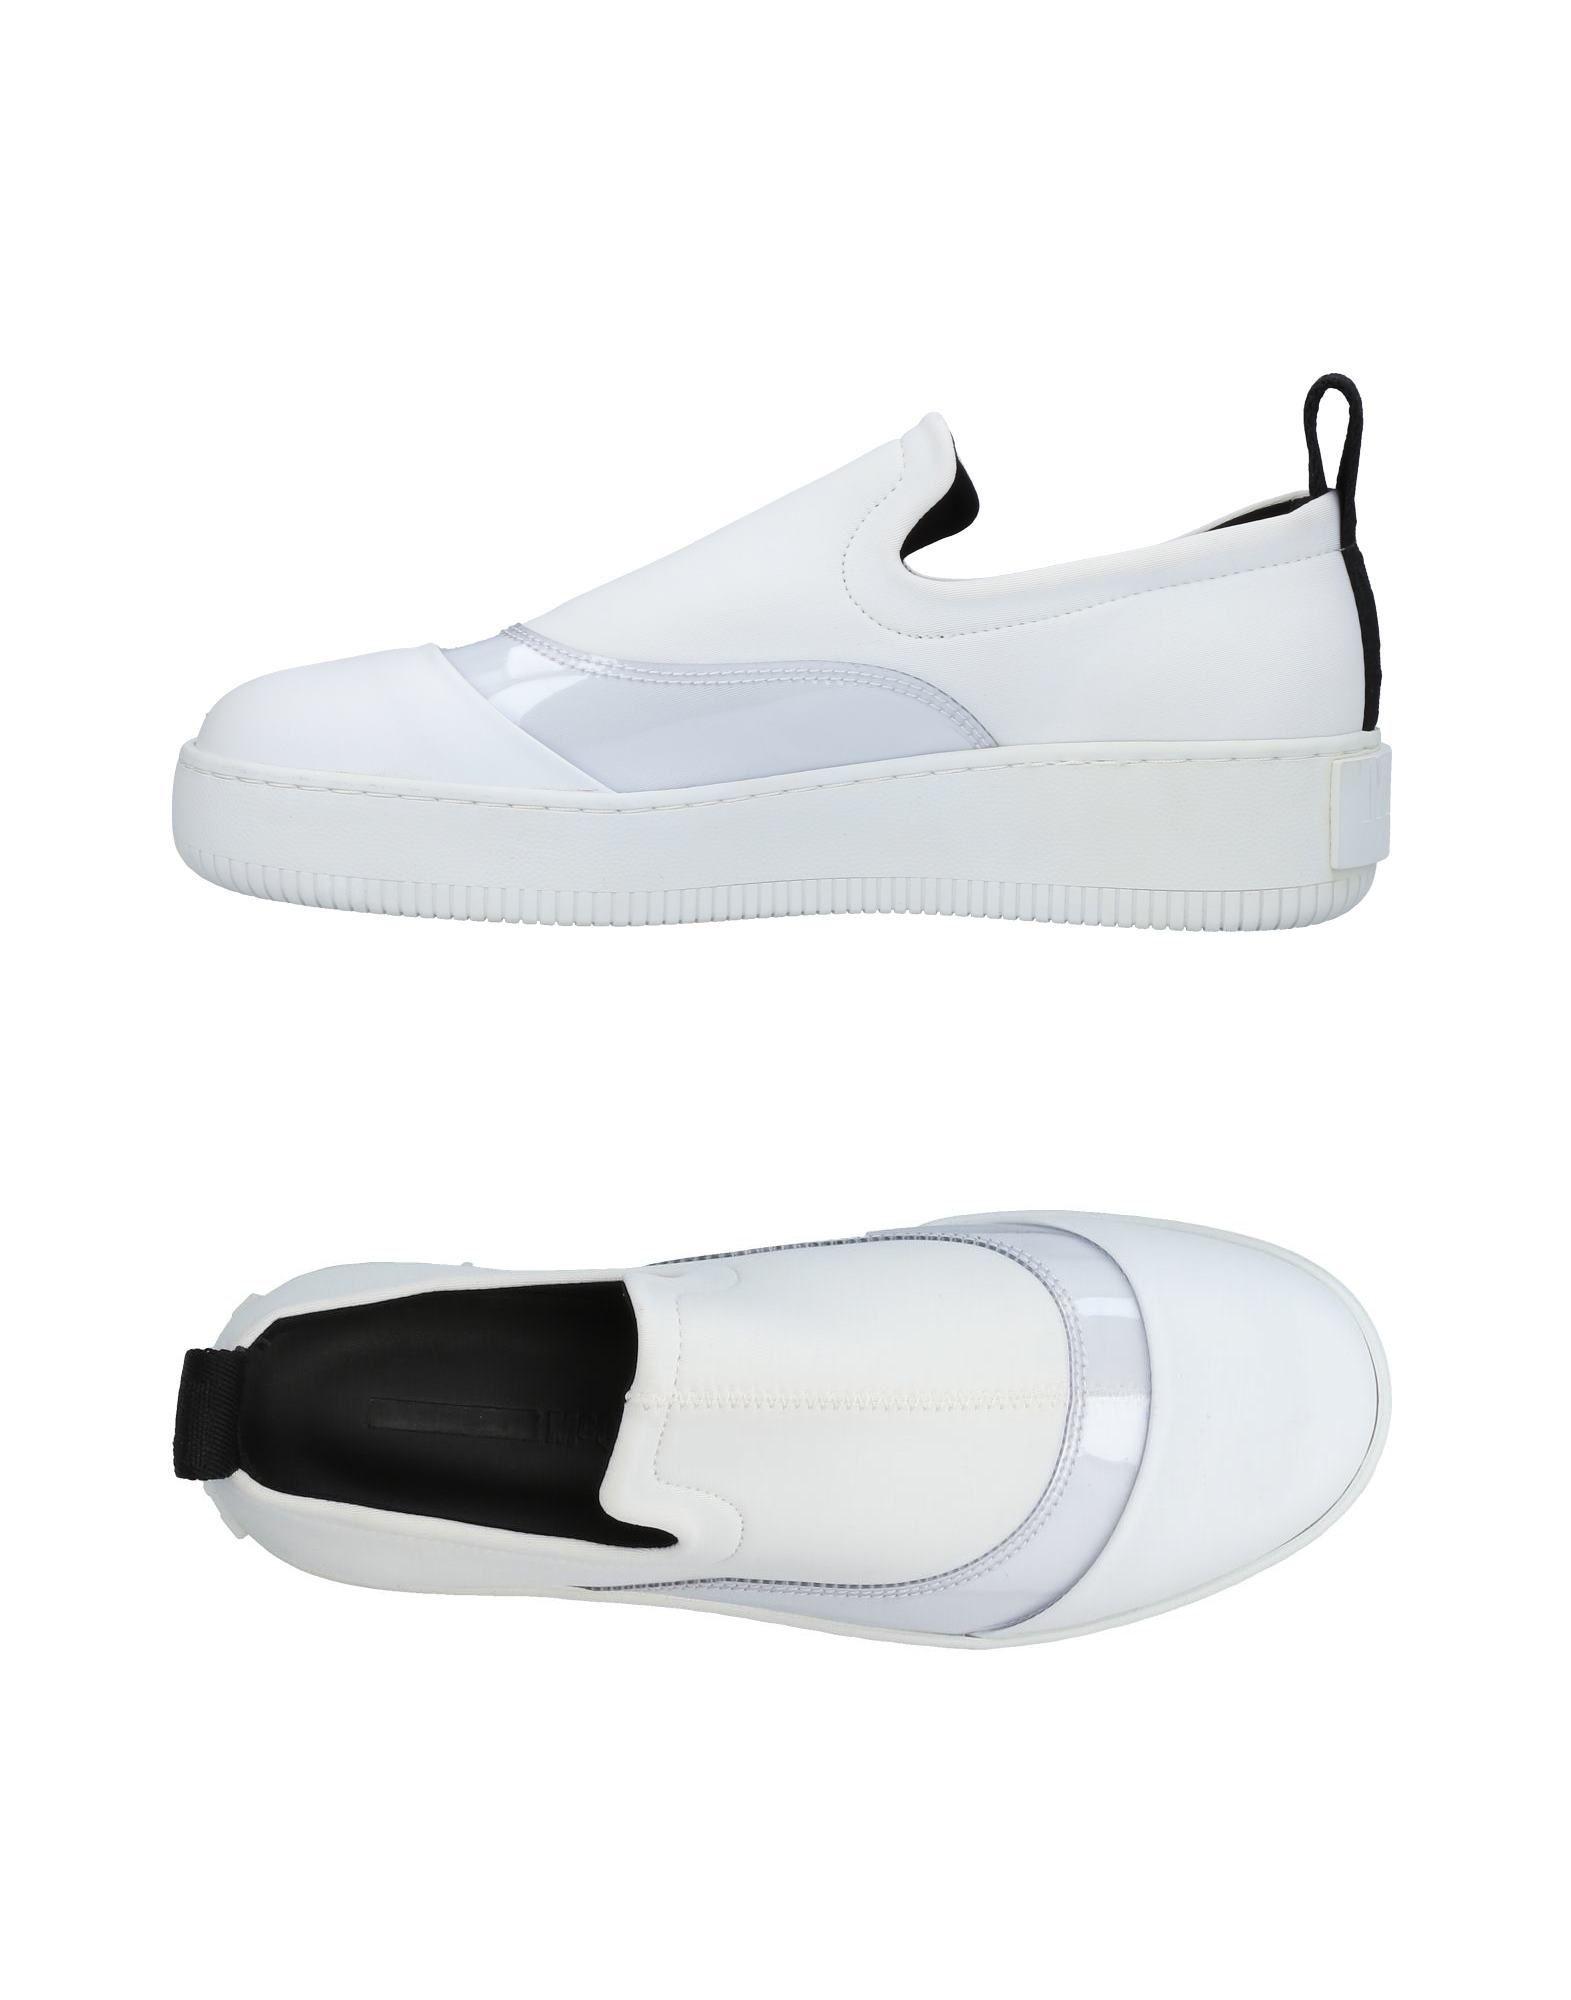 Sneakers Mcq Alexander Mcqueen Femme - Sneakers Mcq Alexander Mcqueen sur